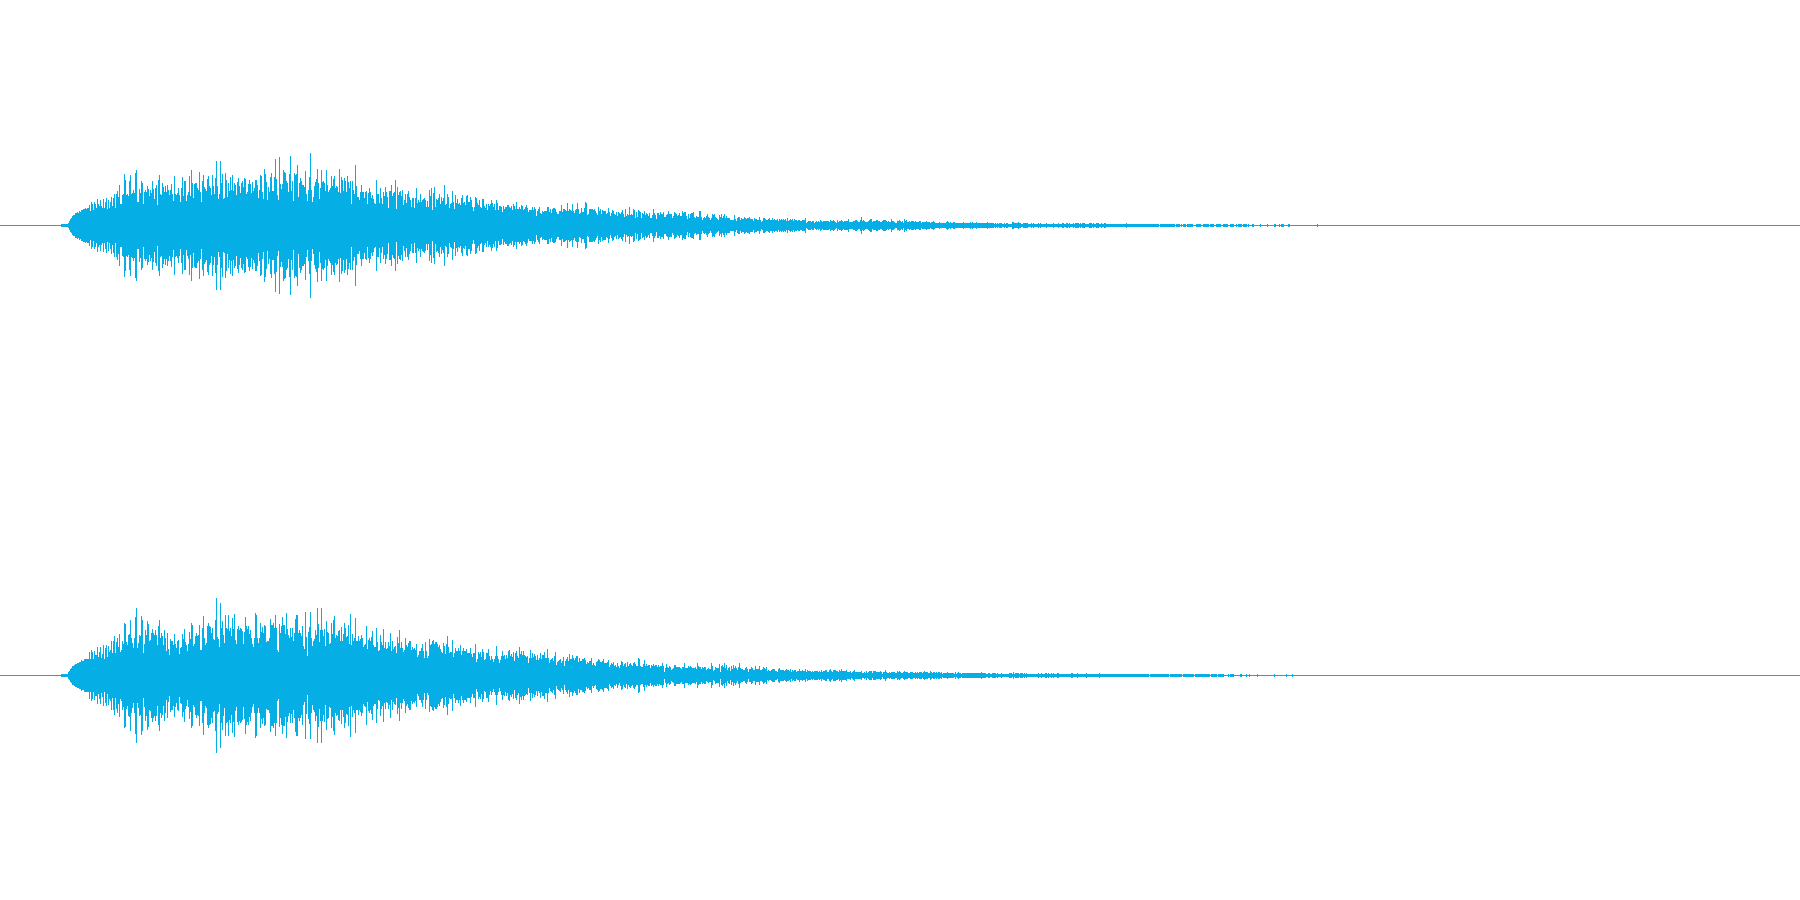 【ショートブリッジ27-10】の再生済みの波形